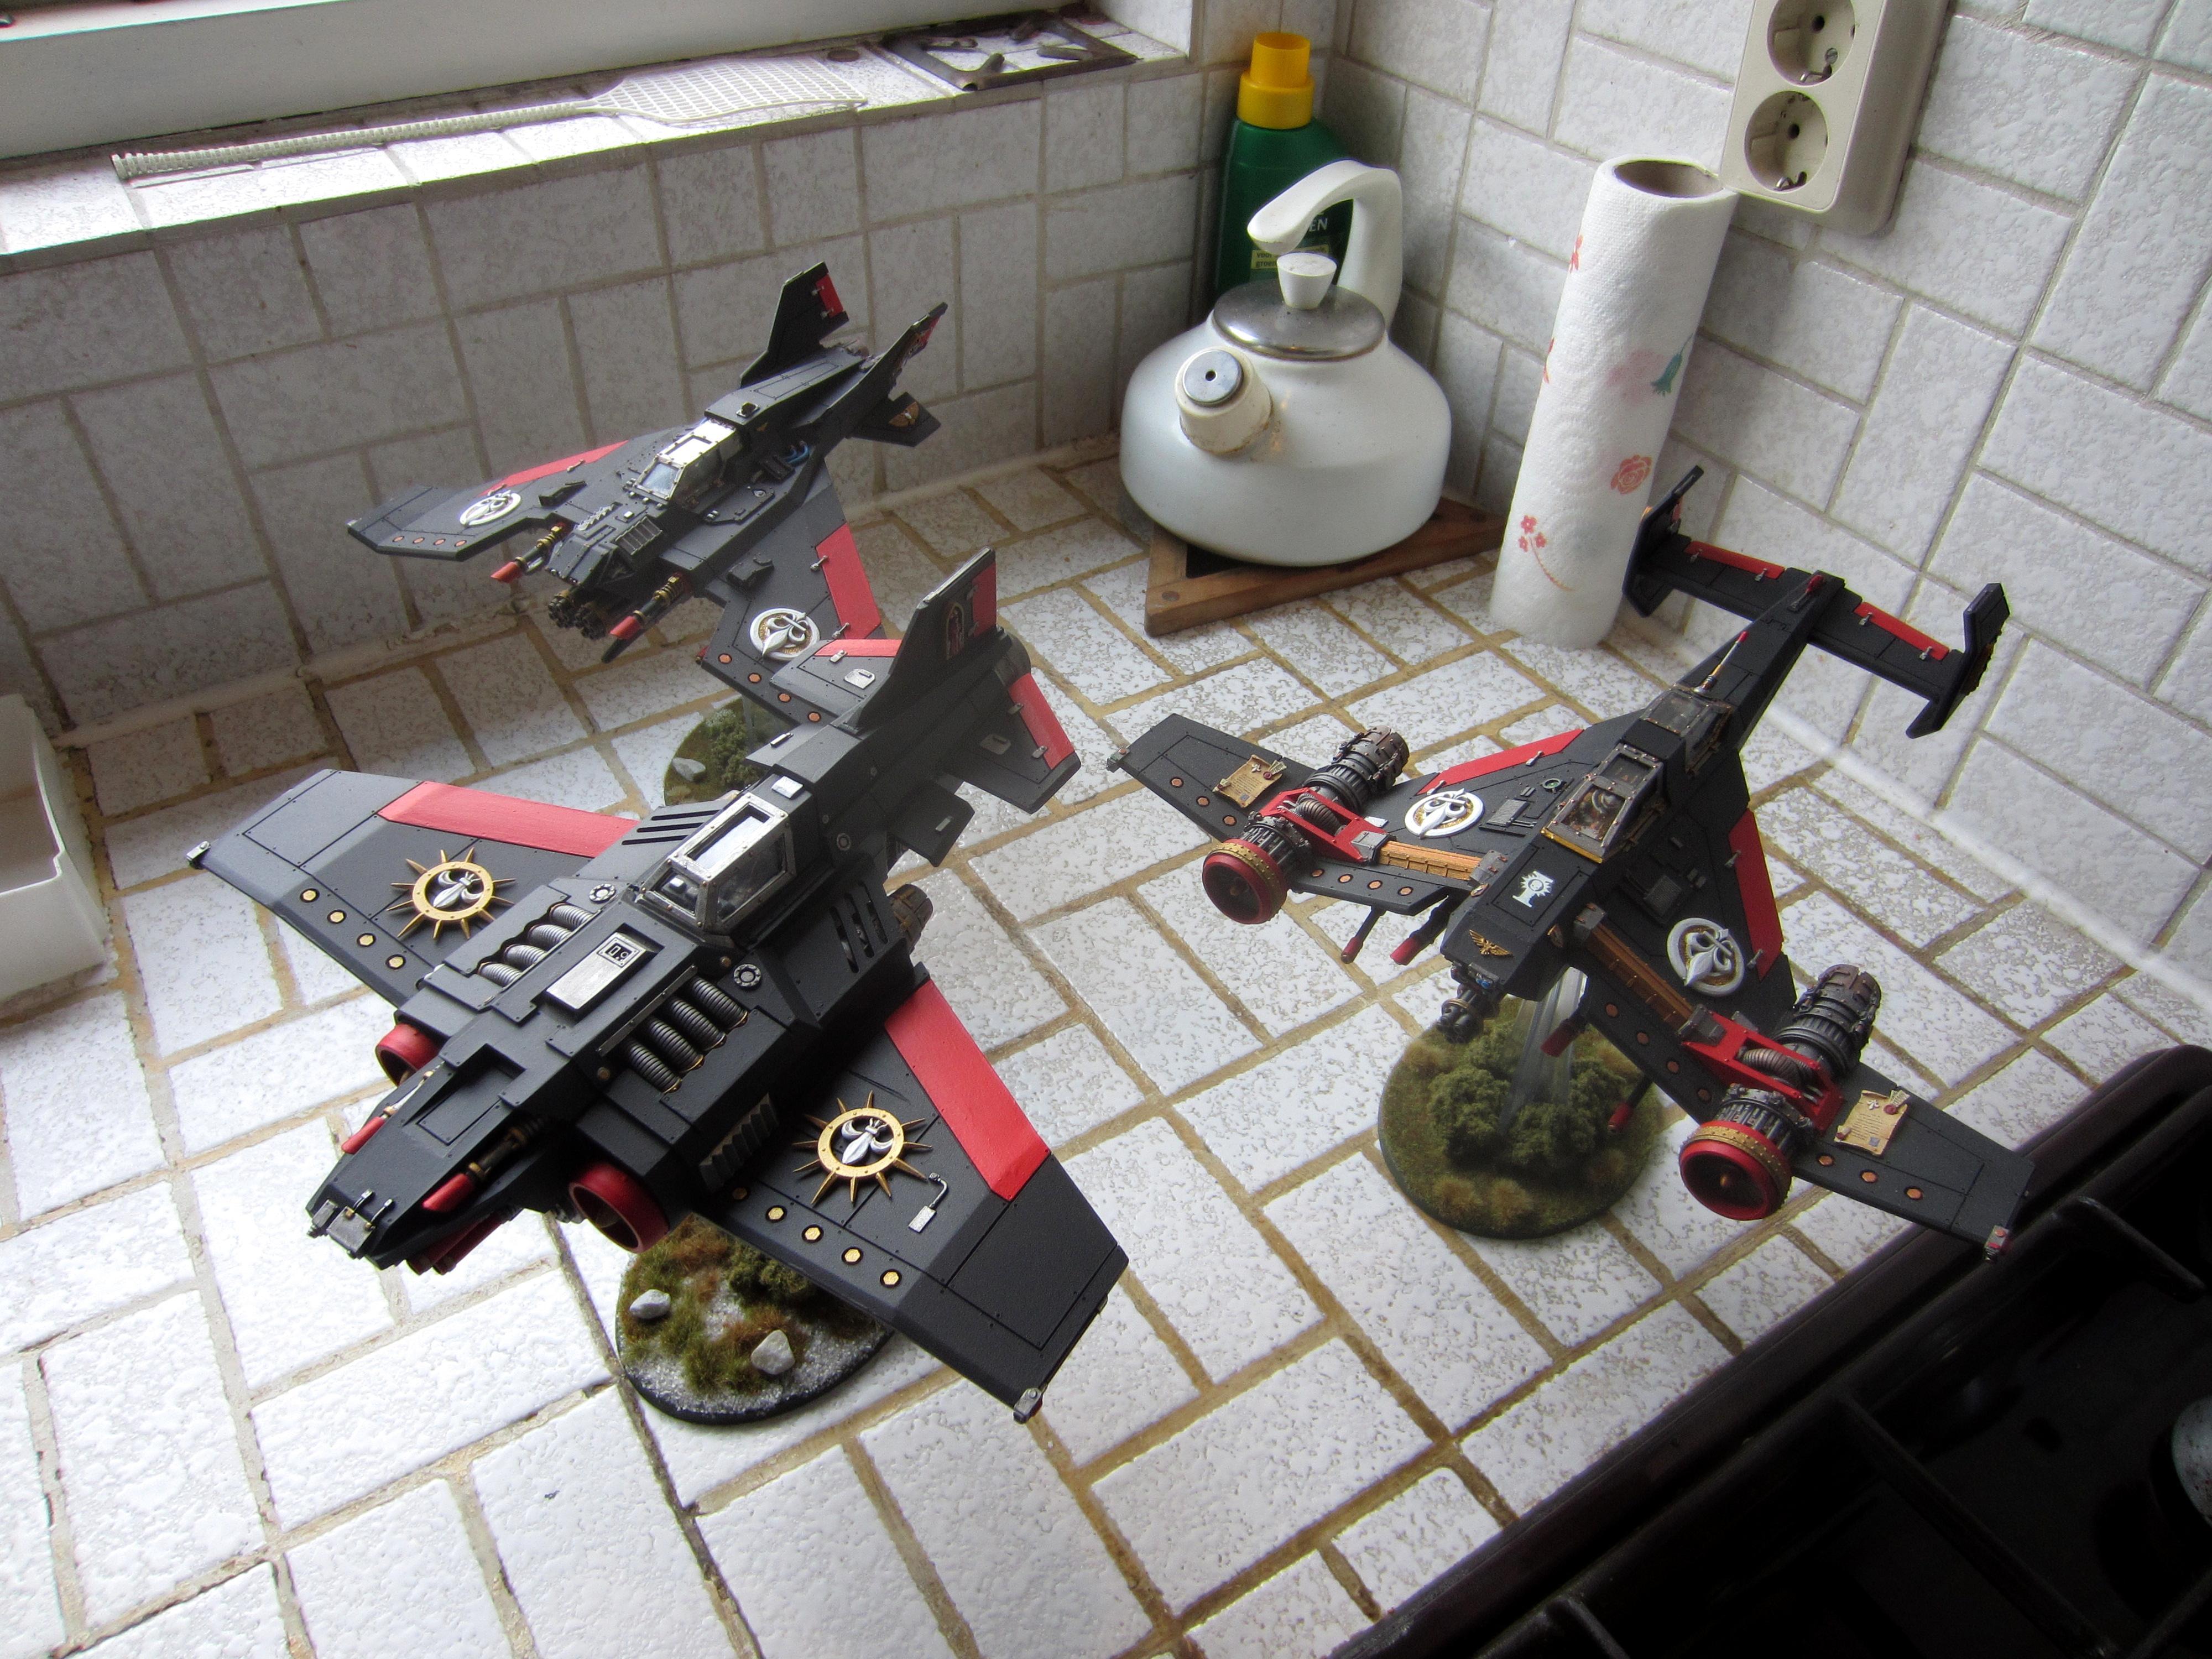 Adepta Sororitas, Avenger Strike Fighter, Flyer, Forge World, Lightning, Resin, Sisters Of Battle, Thunderbolt